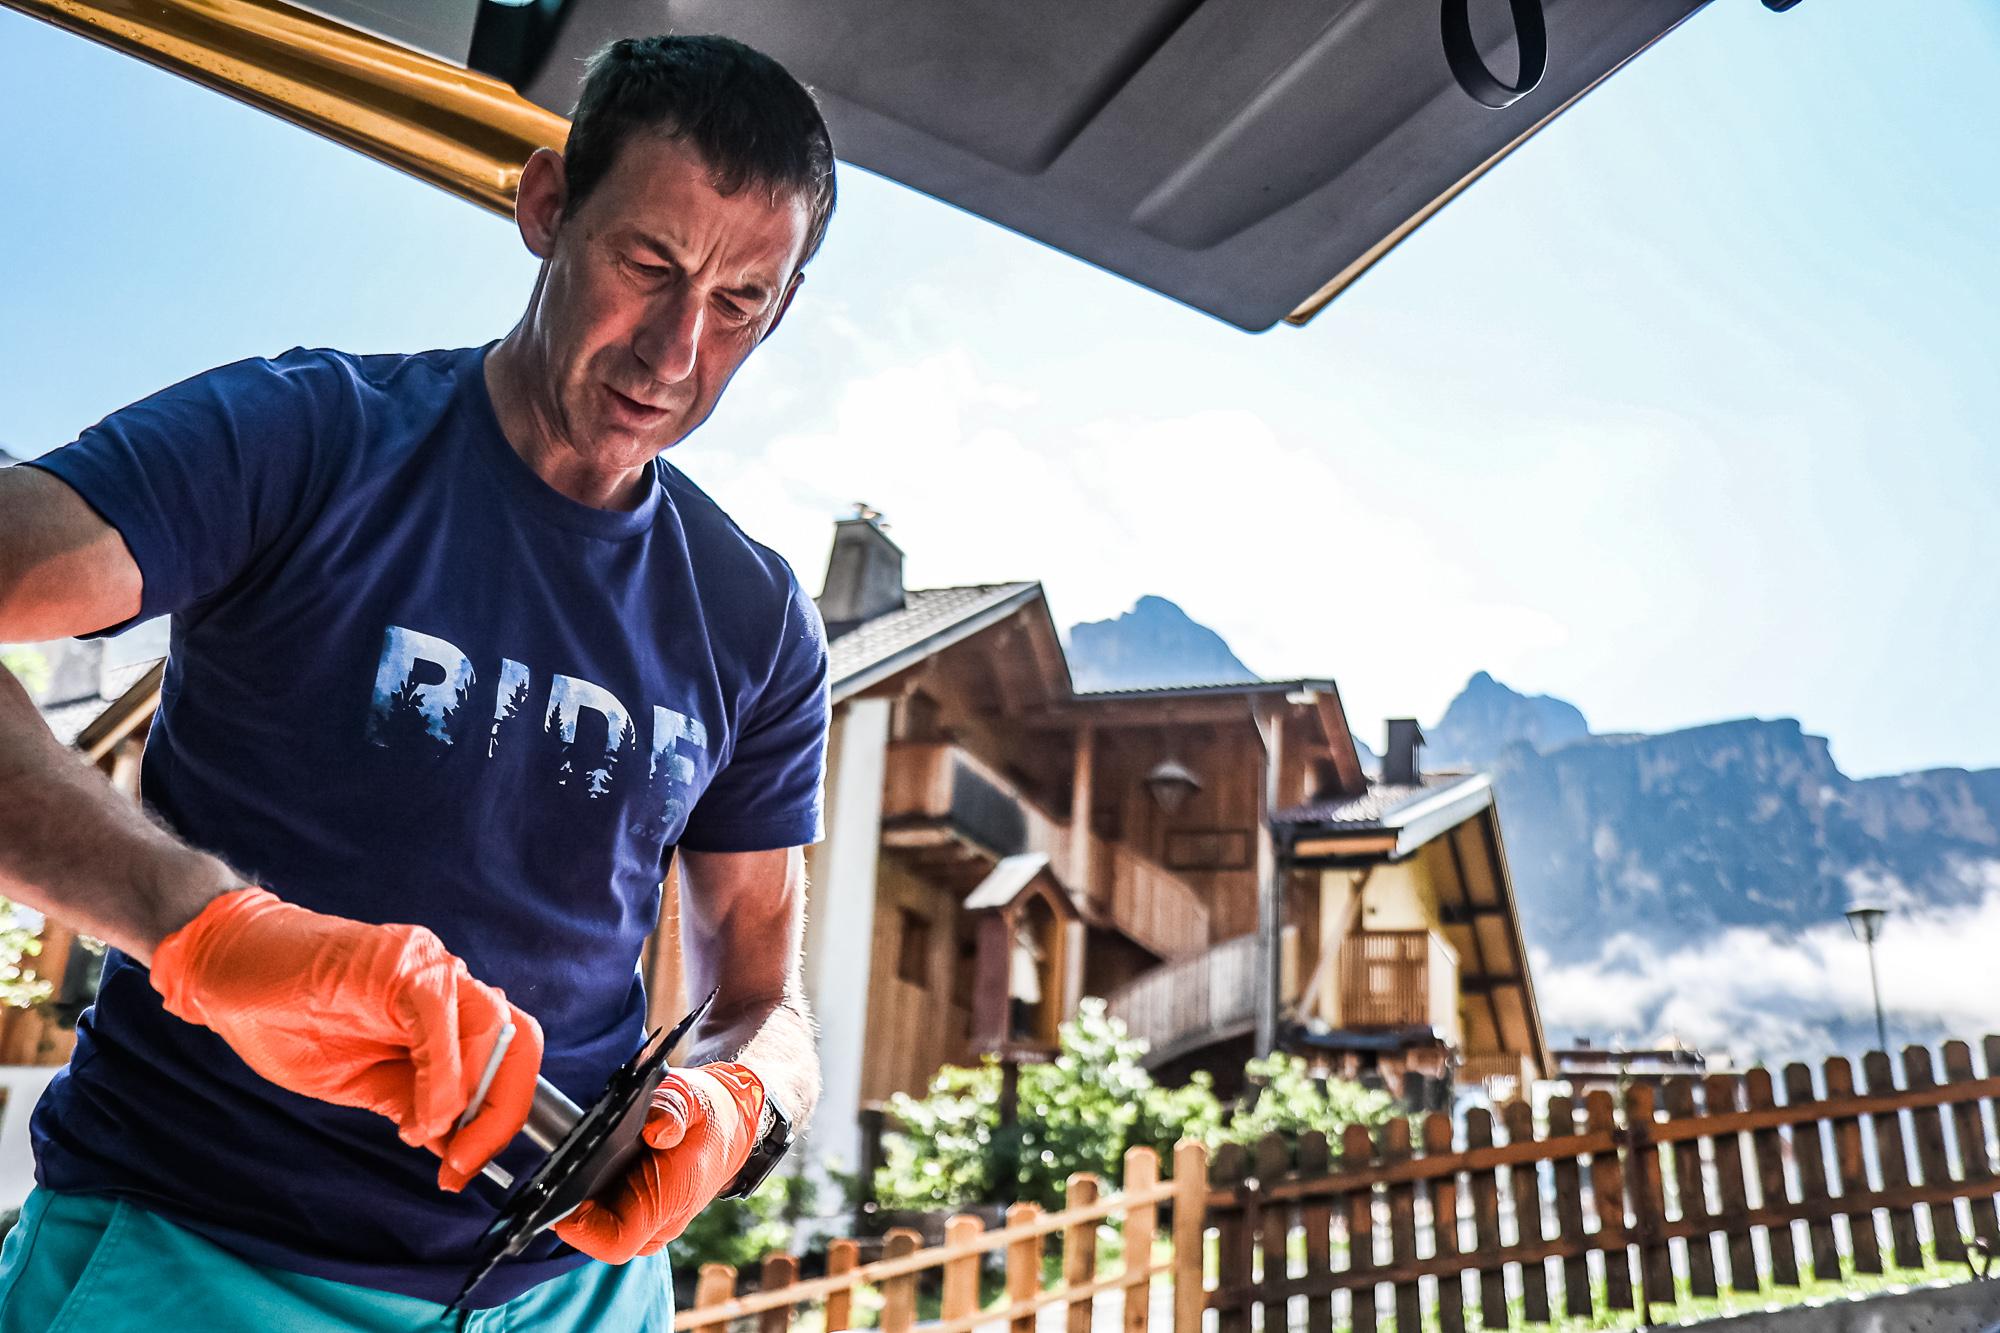 Extremsportler Guido Kunze macht sein Fahrrad fit für den Weltrekord